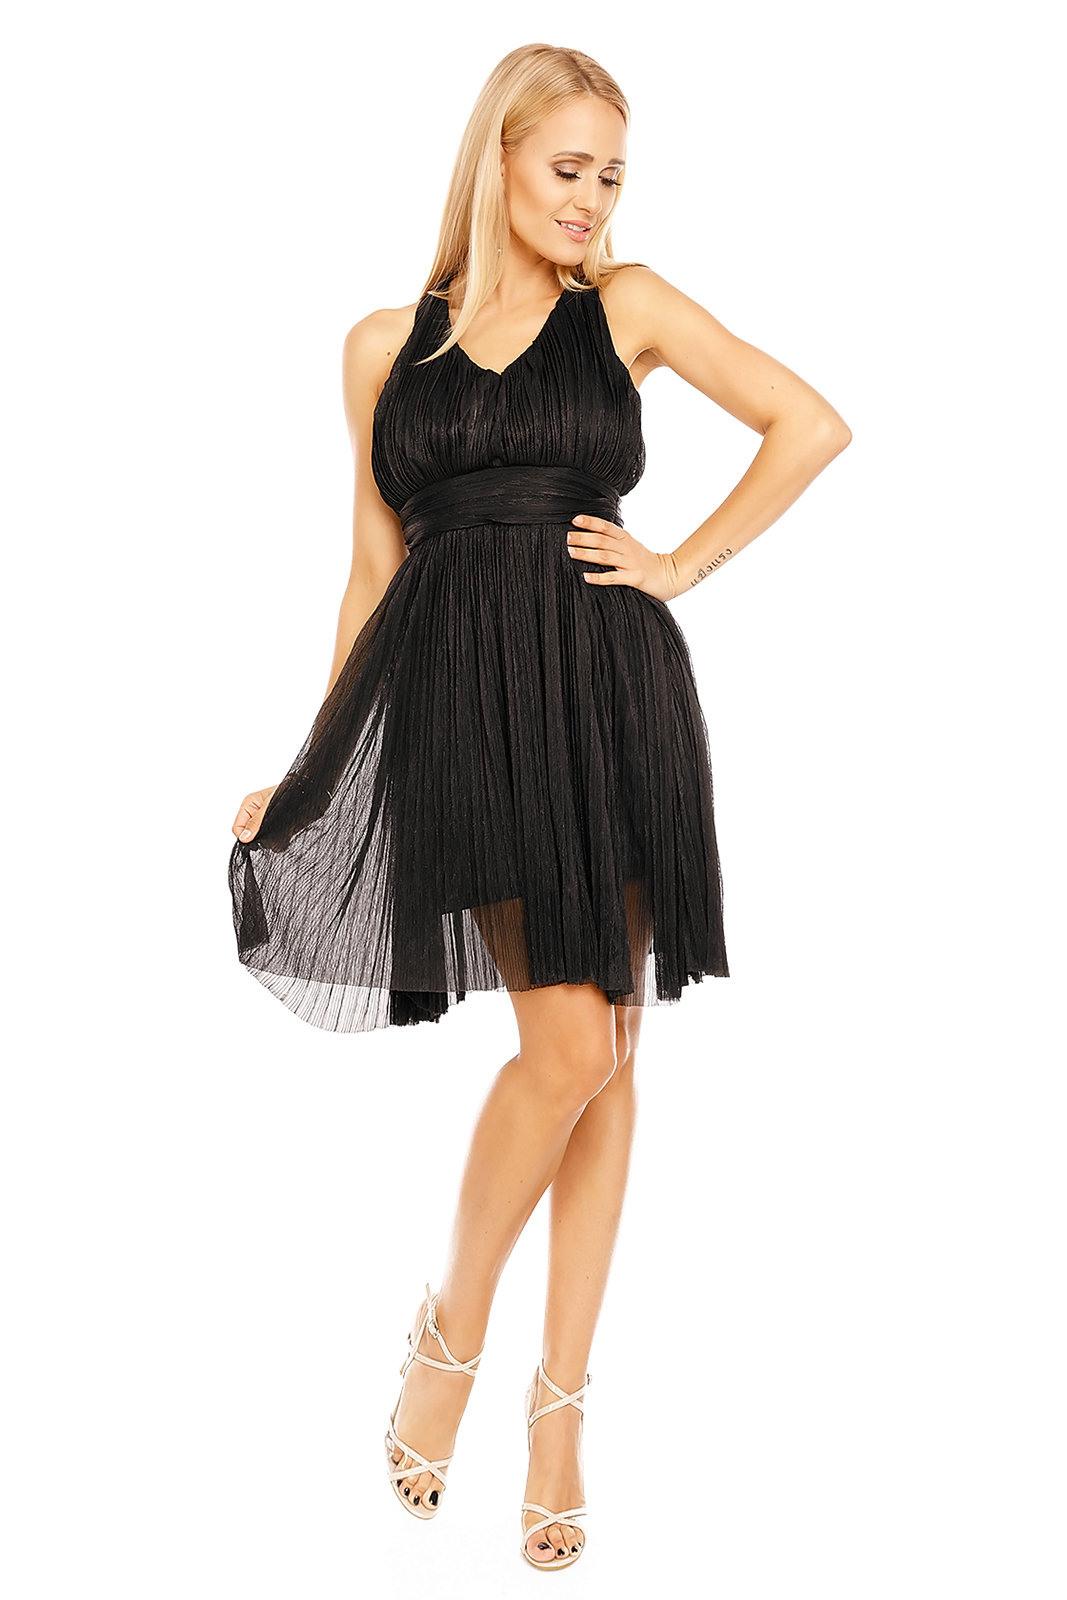 Damen Kleid Schwarz Abendkleid Partykleid Cocktailkleid